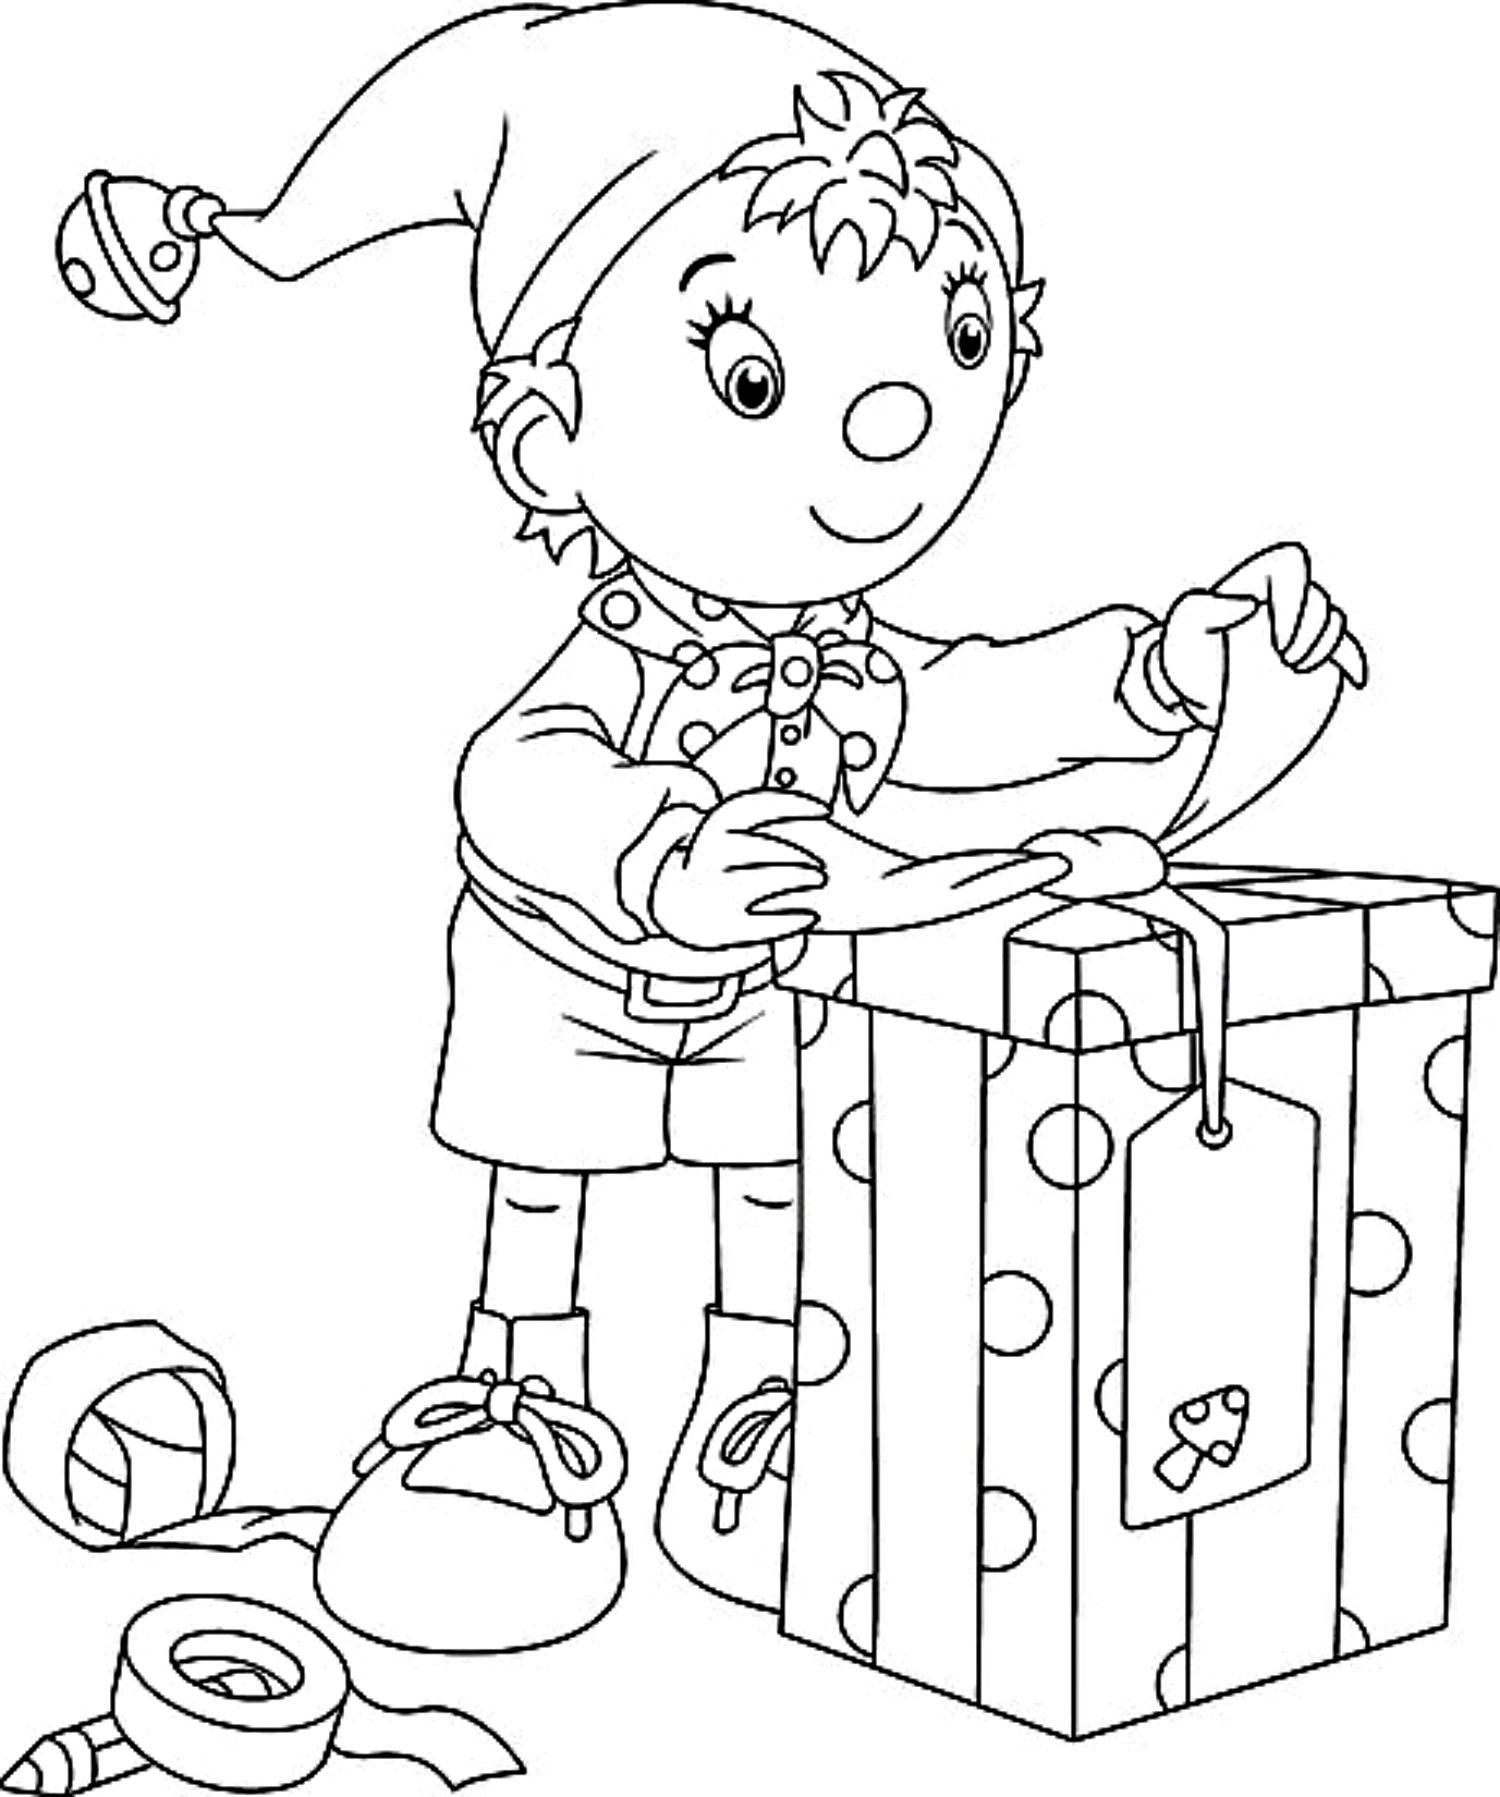 Christmas Coloring Page Santa Song And Free Printable Christmas